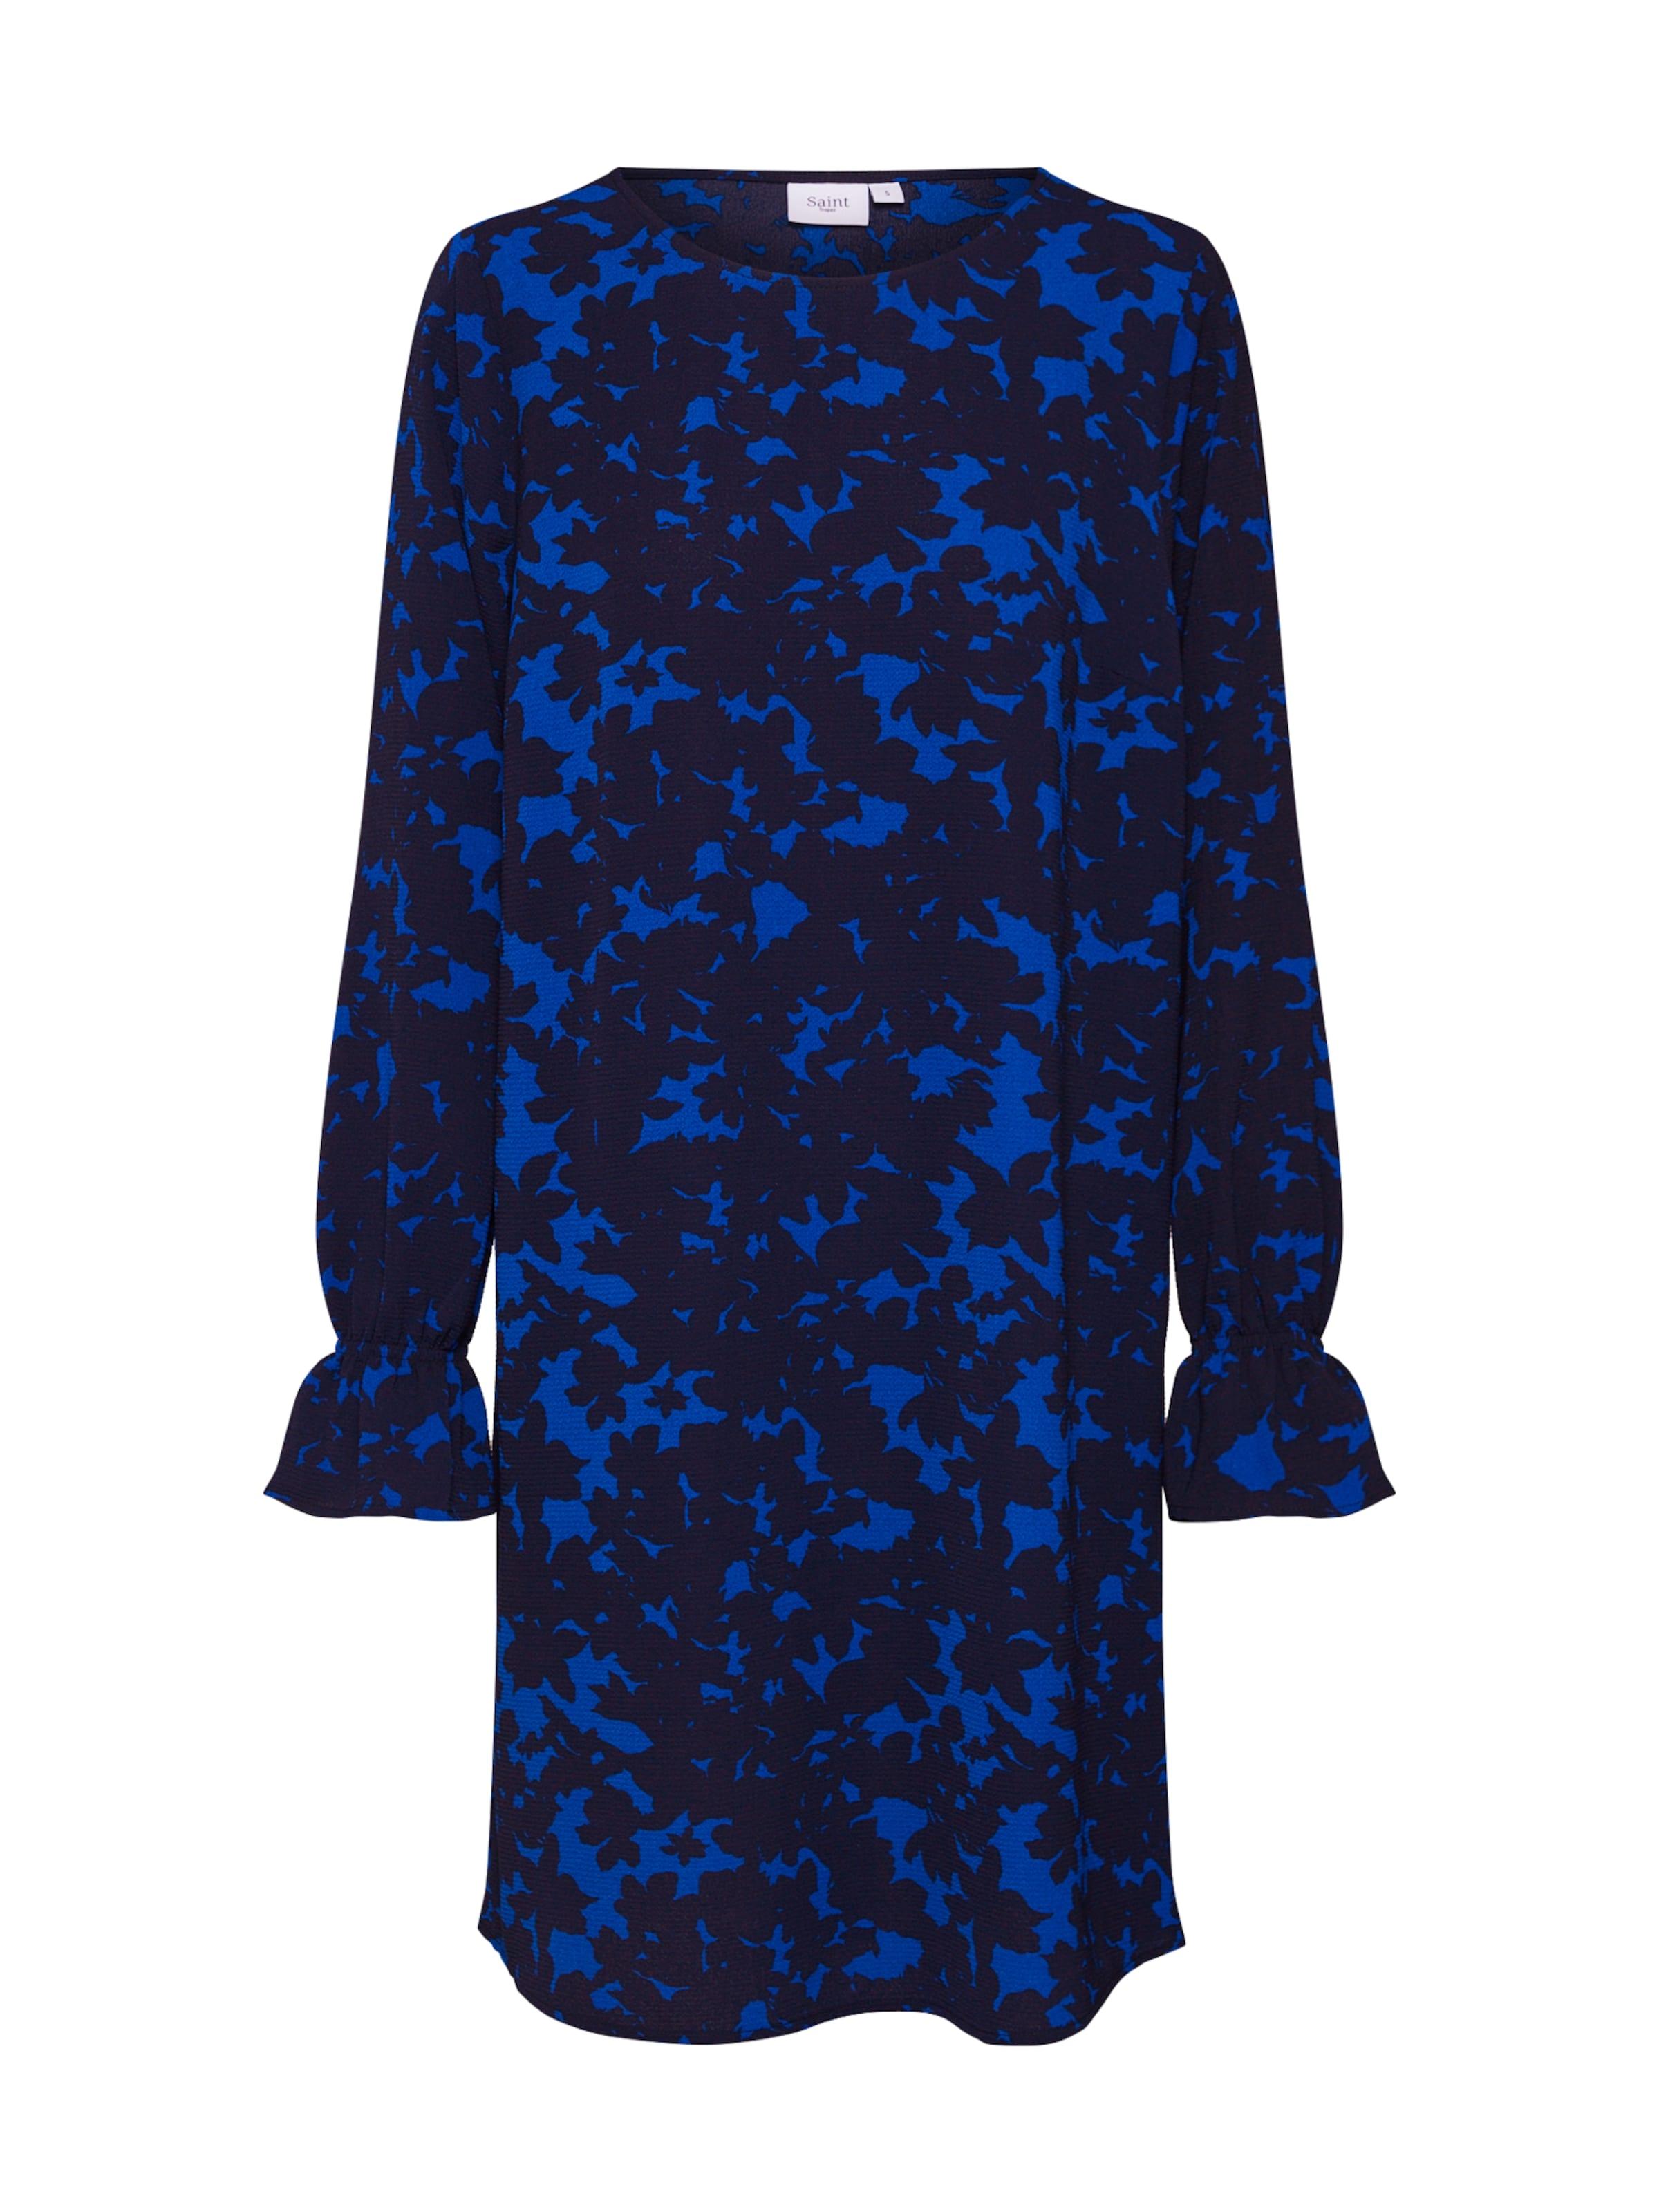 Tropez Kleider Saint 'xray In Florals KobaltblauSchwarz P' redCxBo